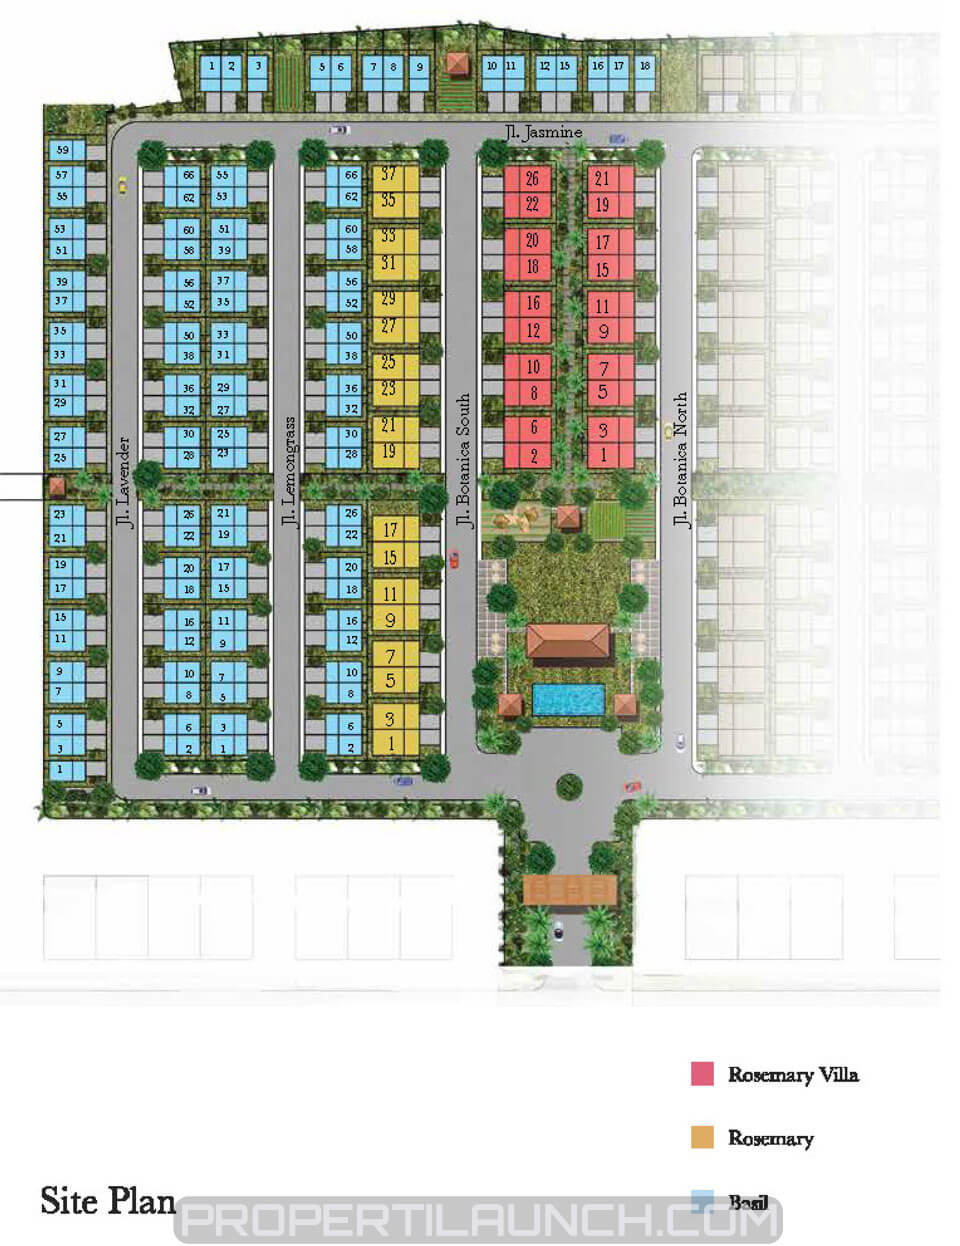 Site Plan Cluster Botanica Vida Bekasi